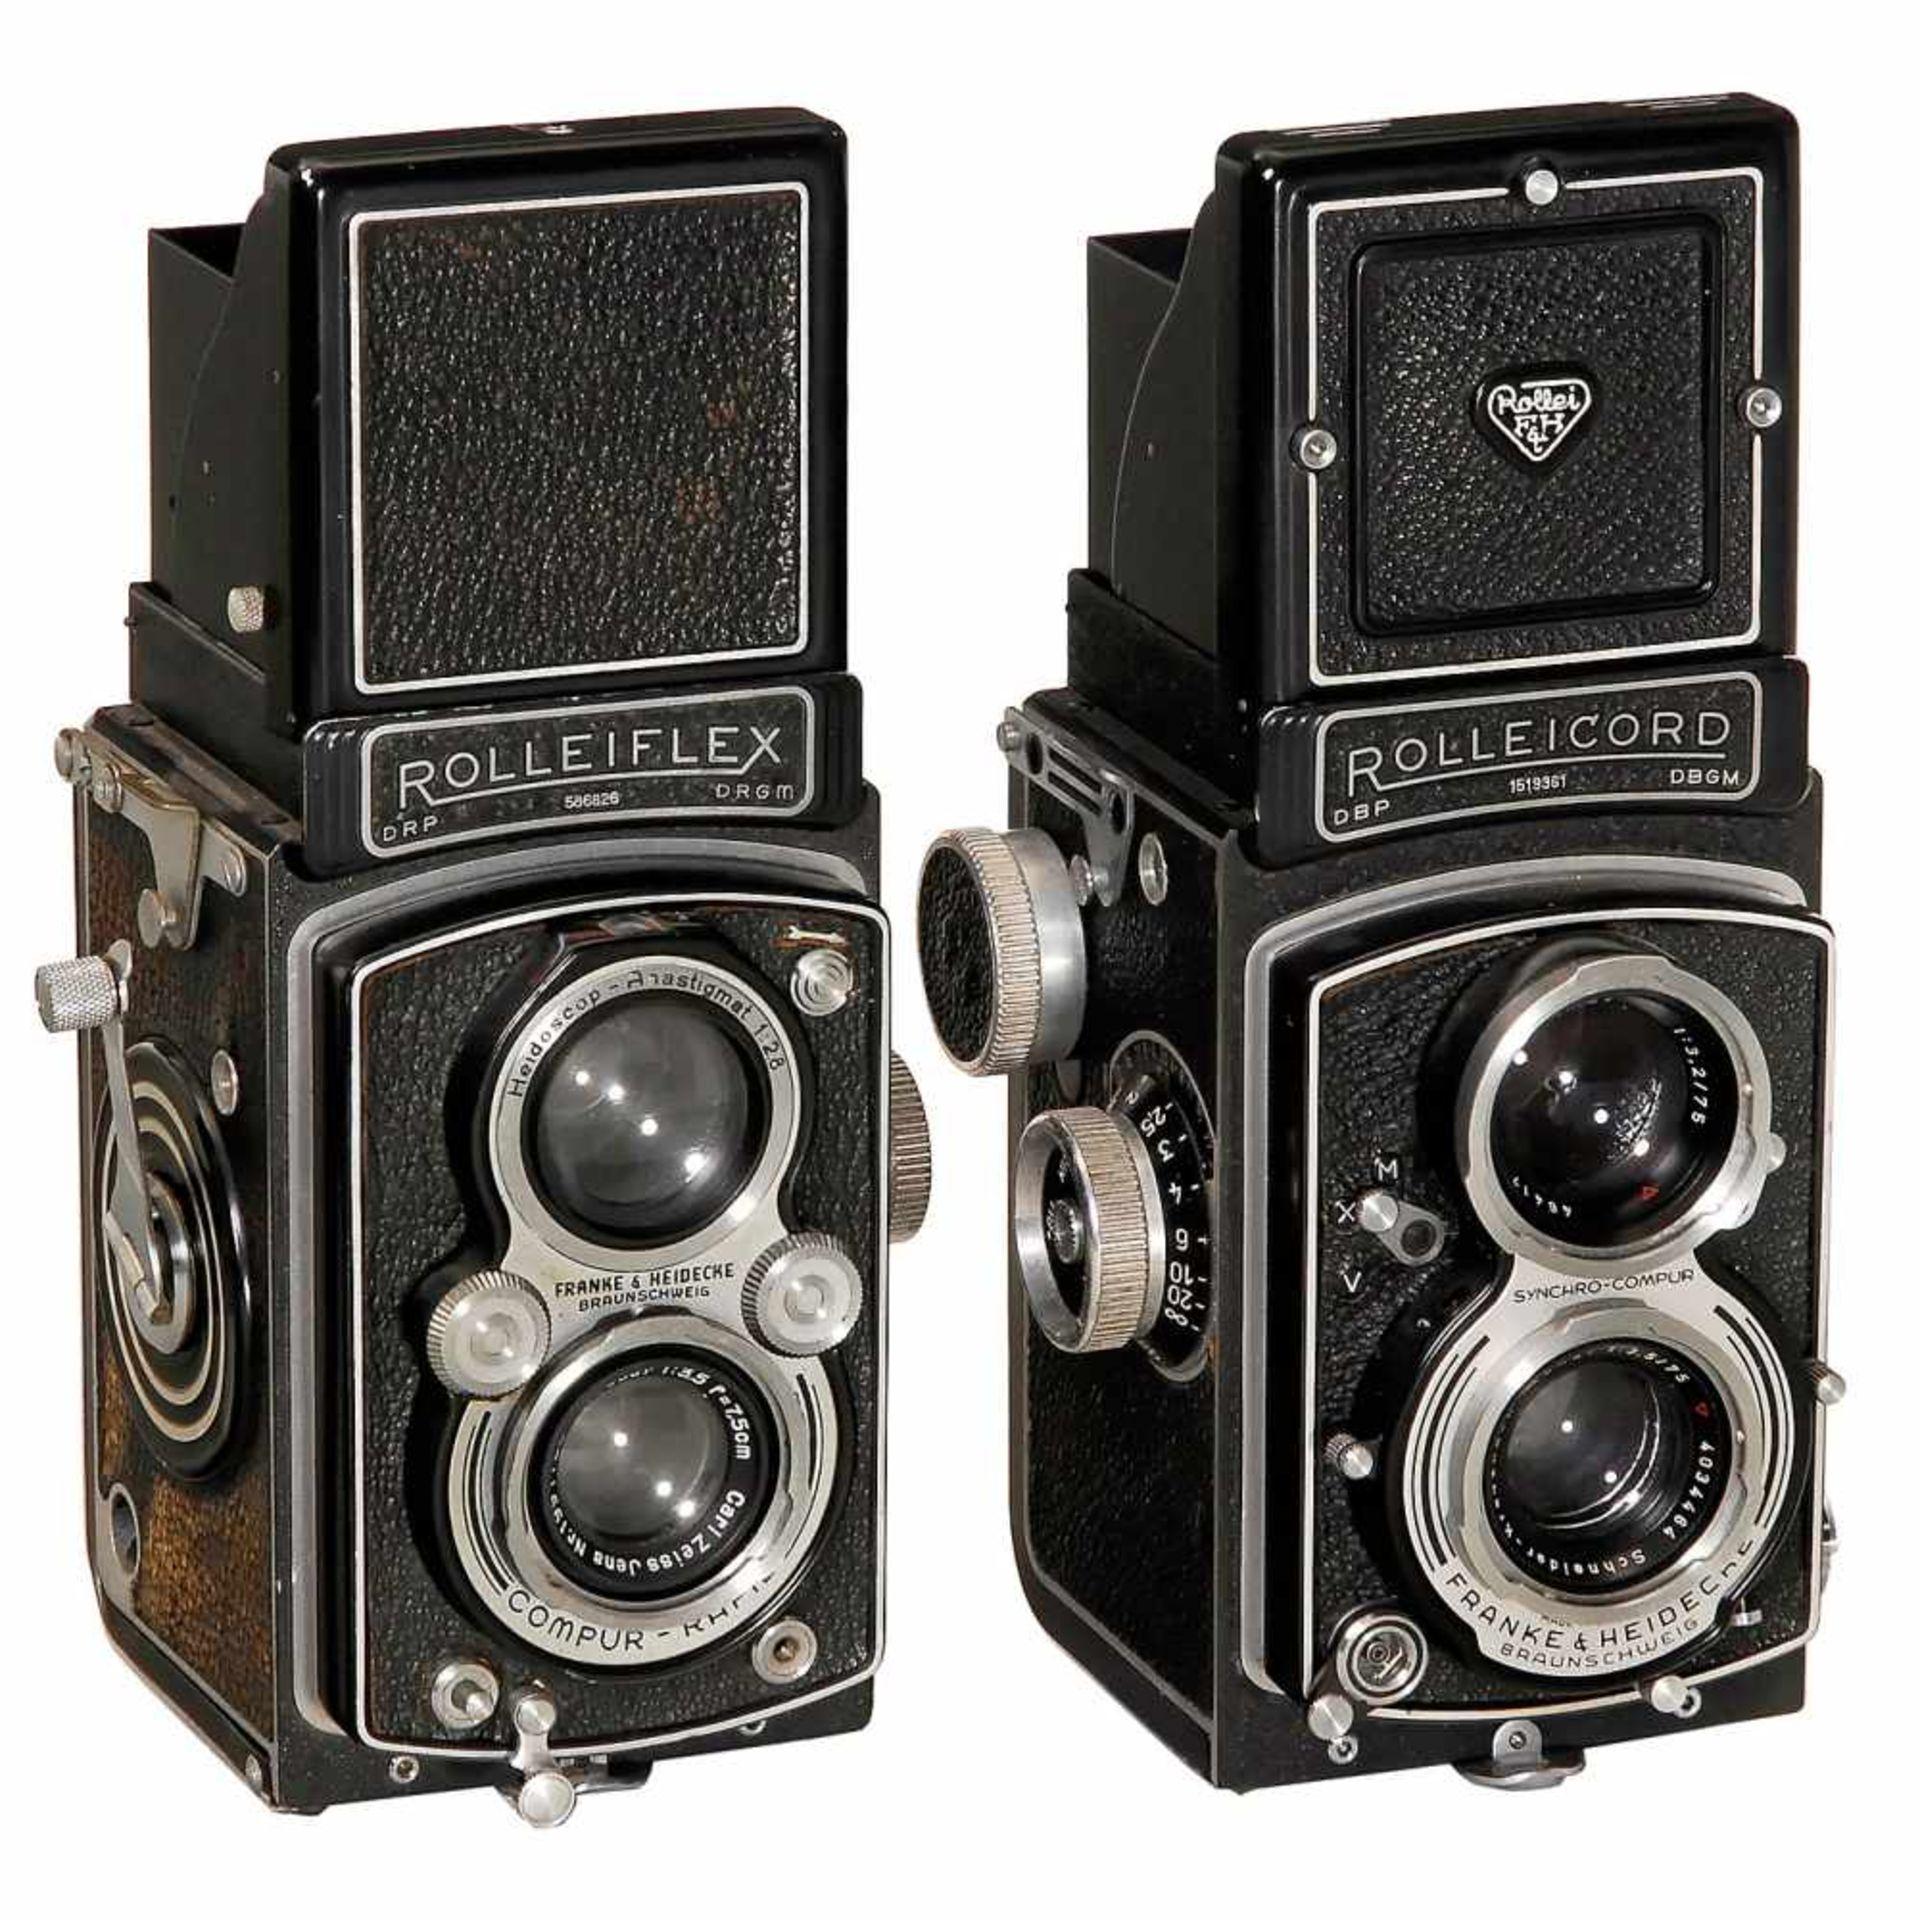 2 Rollei TLR CamerasFranke & Heidecke, Braunschweig. 1) Rolleiflex Automat, 1937, no. 586826, Tessar